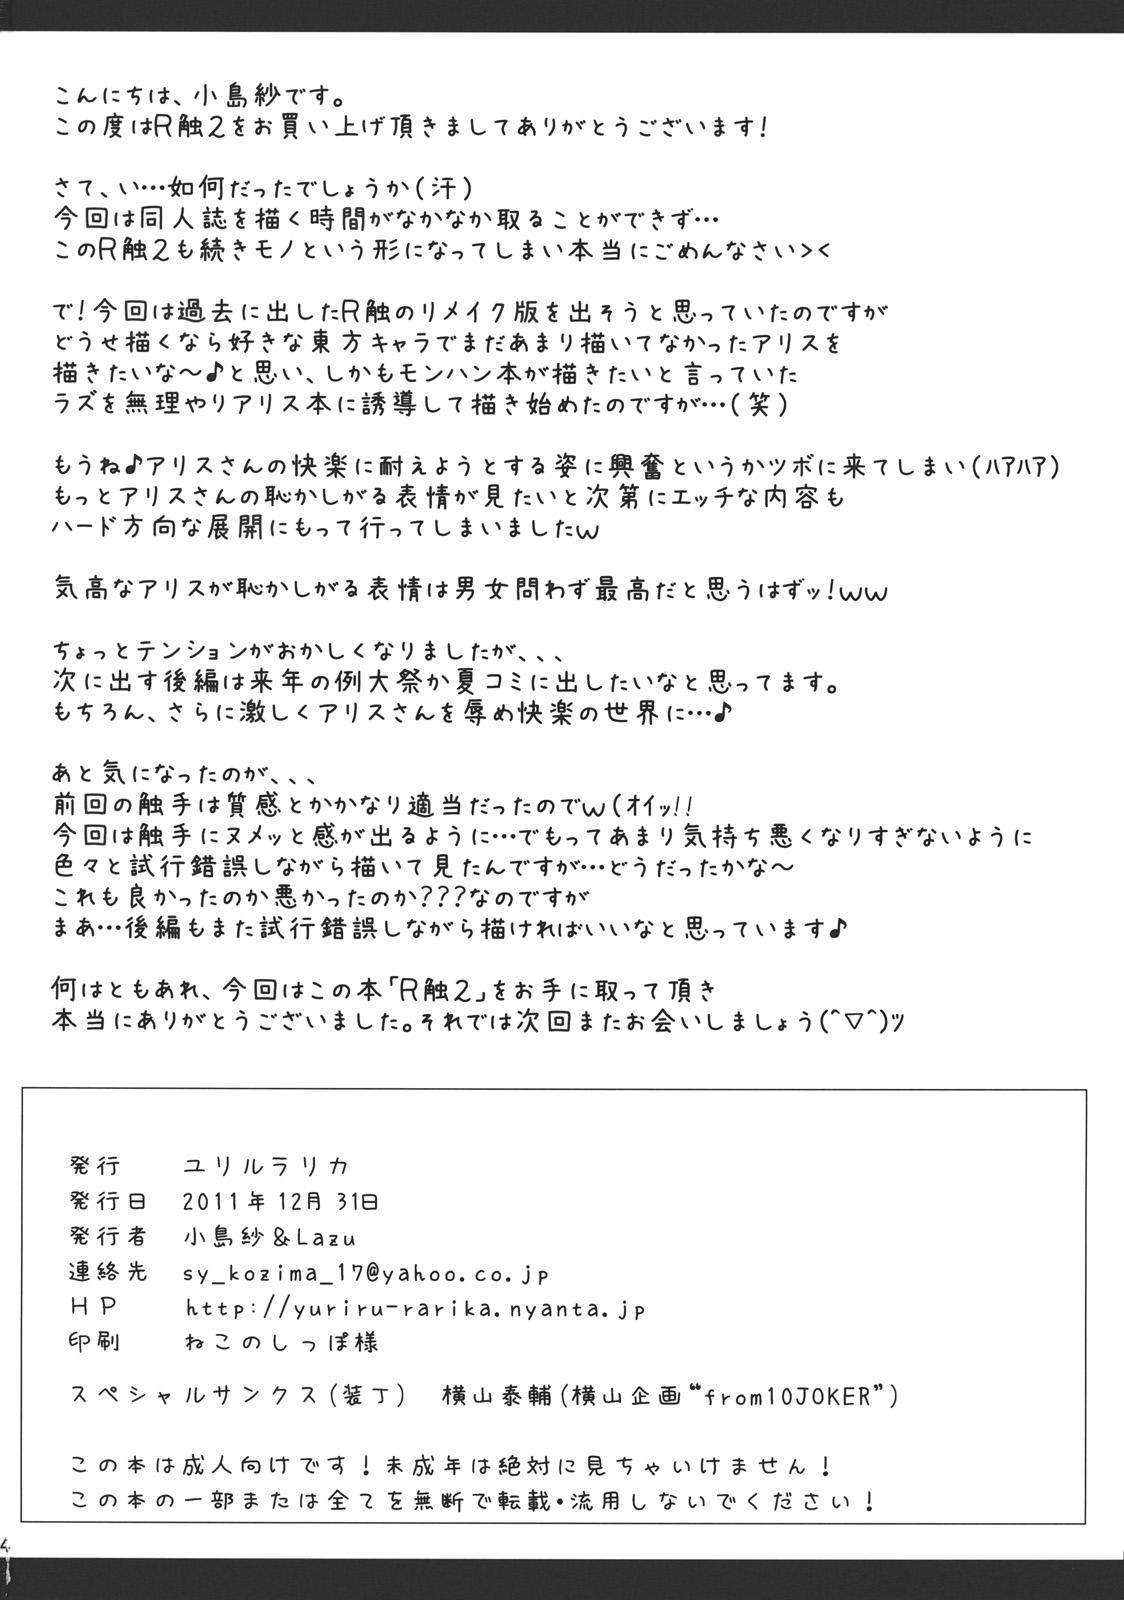 R Shoku 2A 31